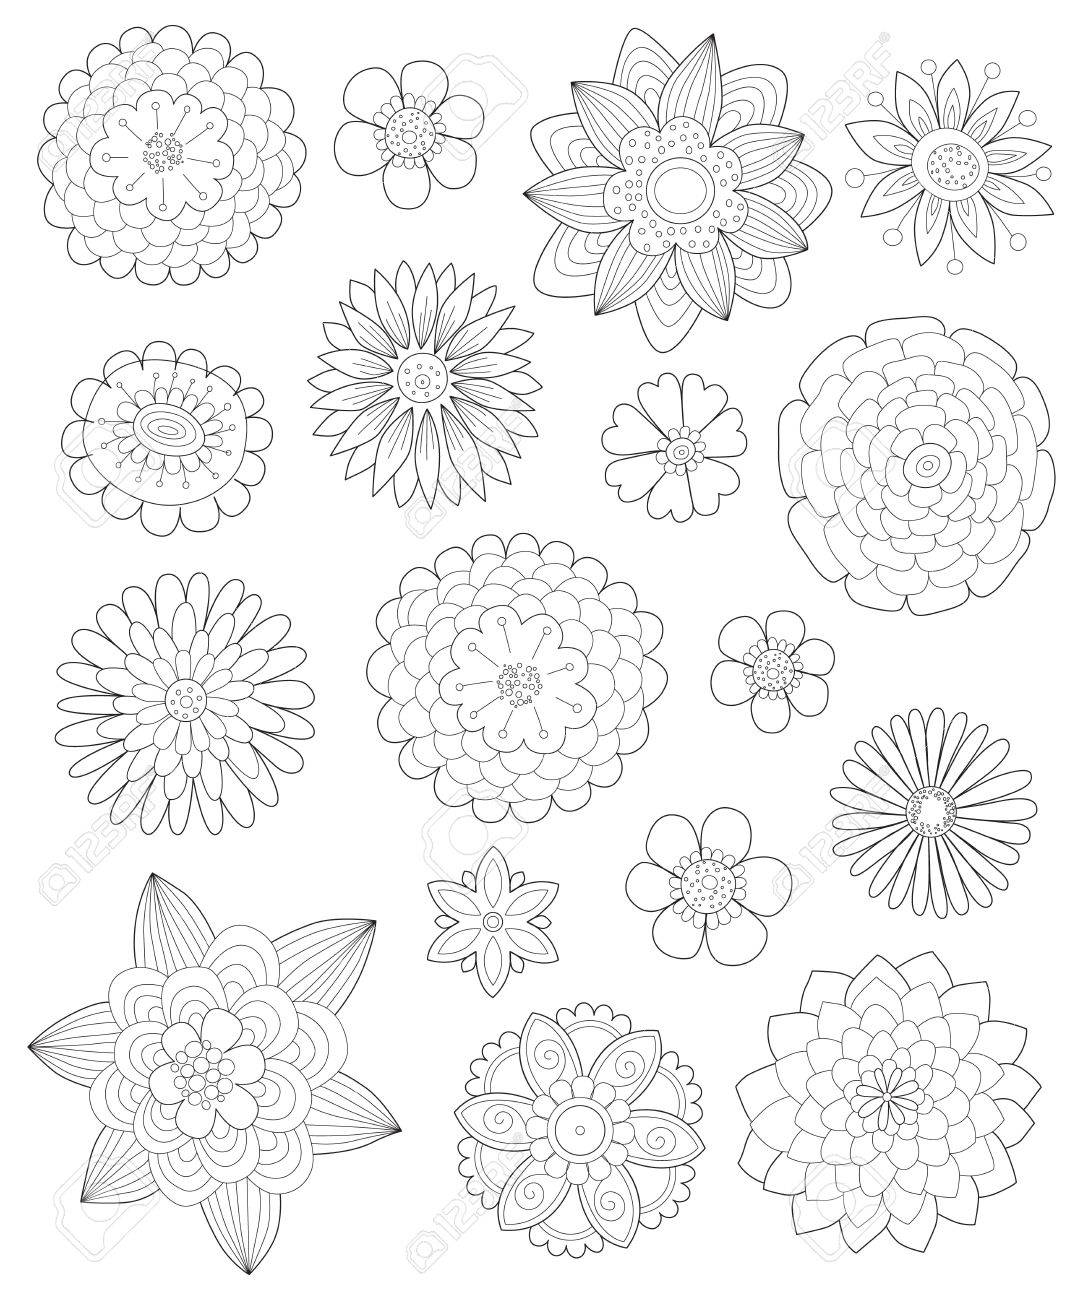 Flores Dibujadas A Mano Para Colorear Páginas Para Adultos, Una ...